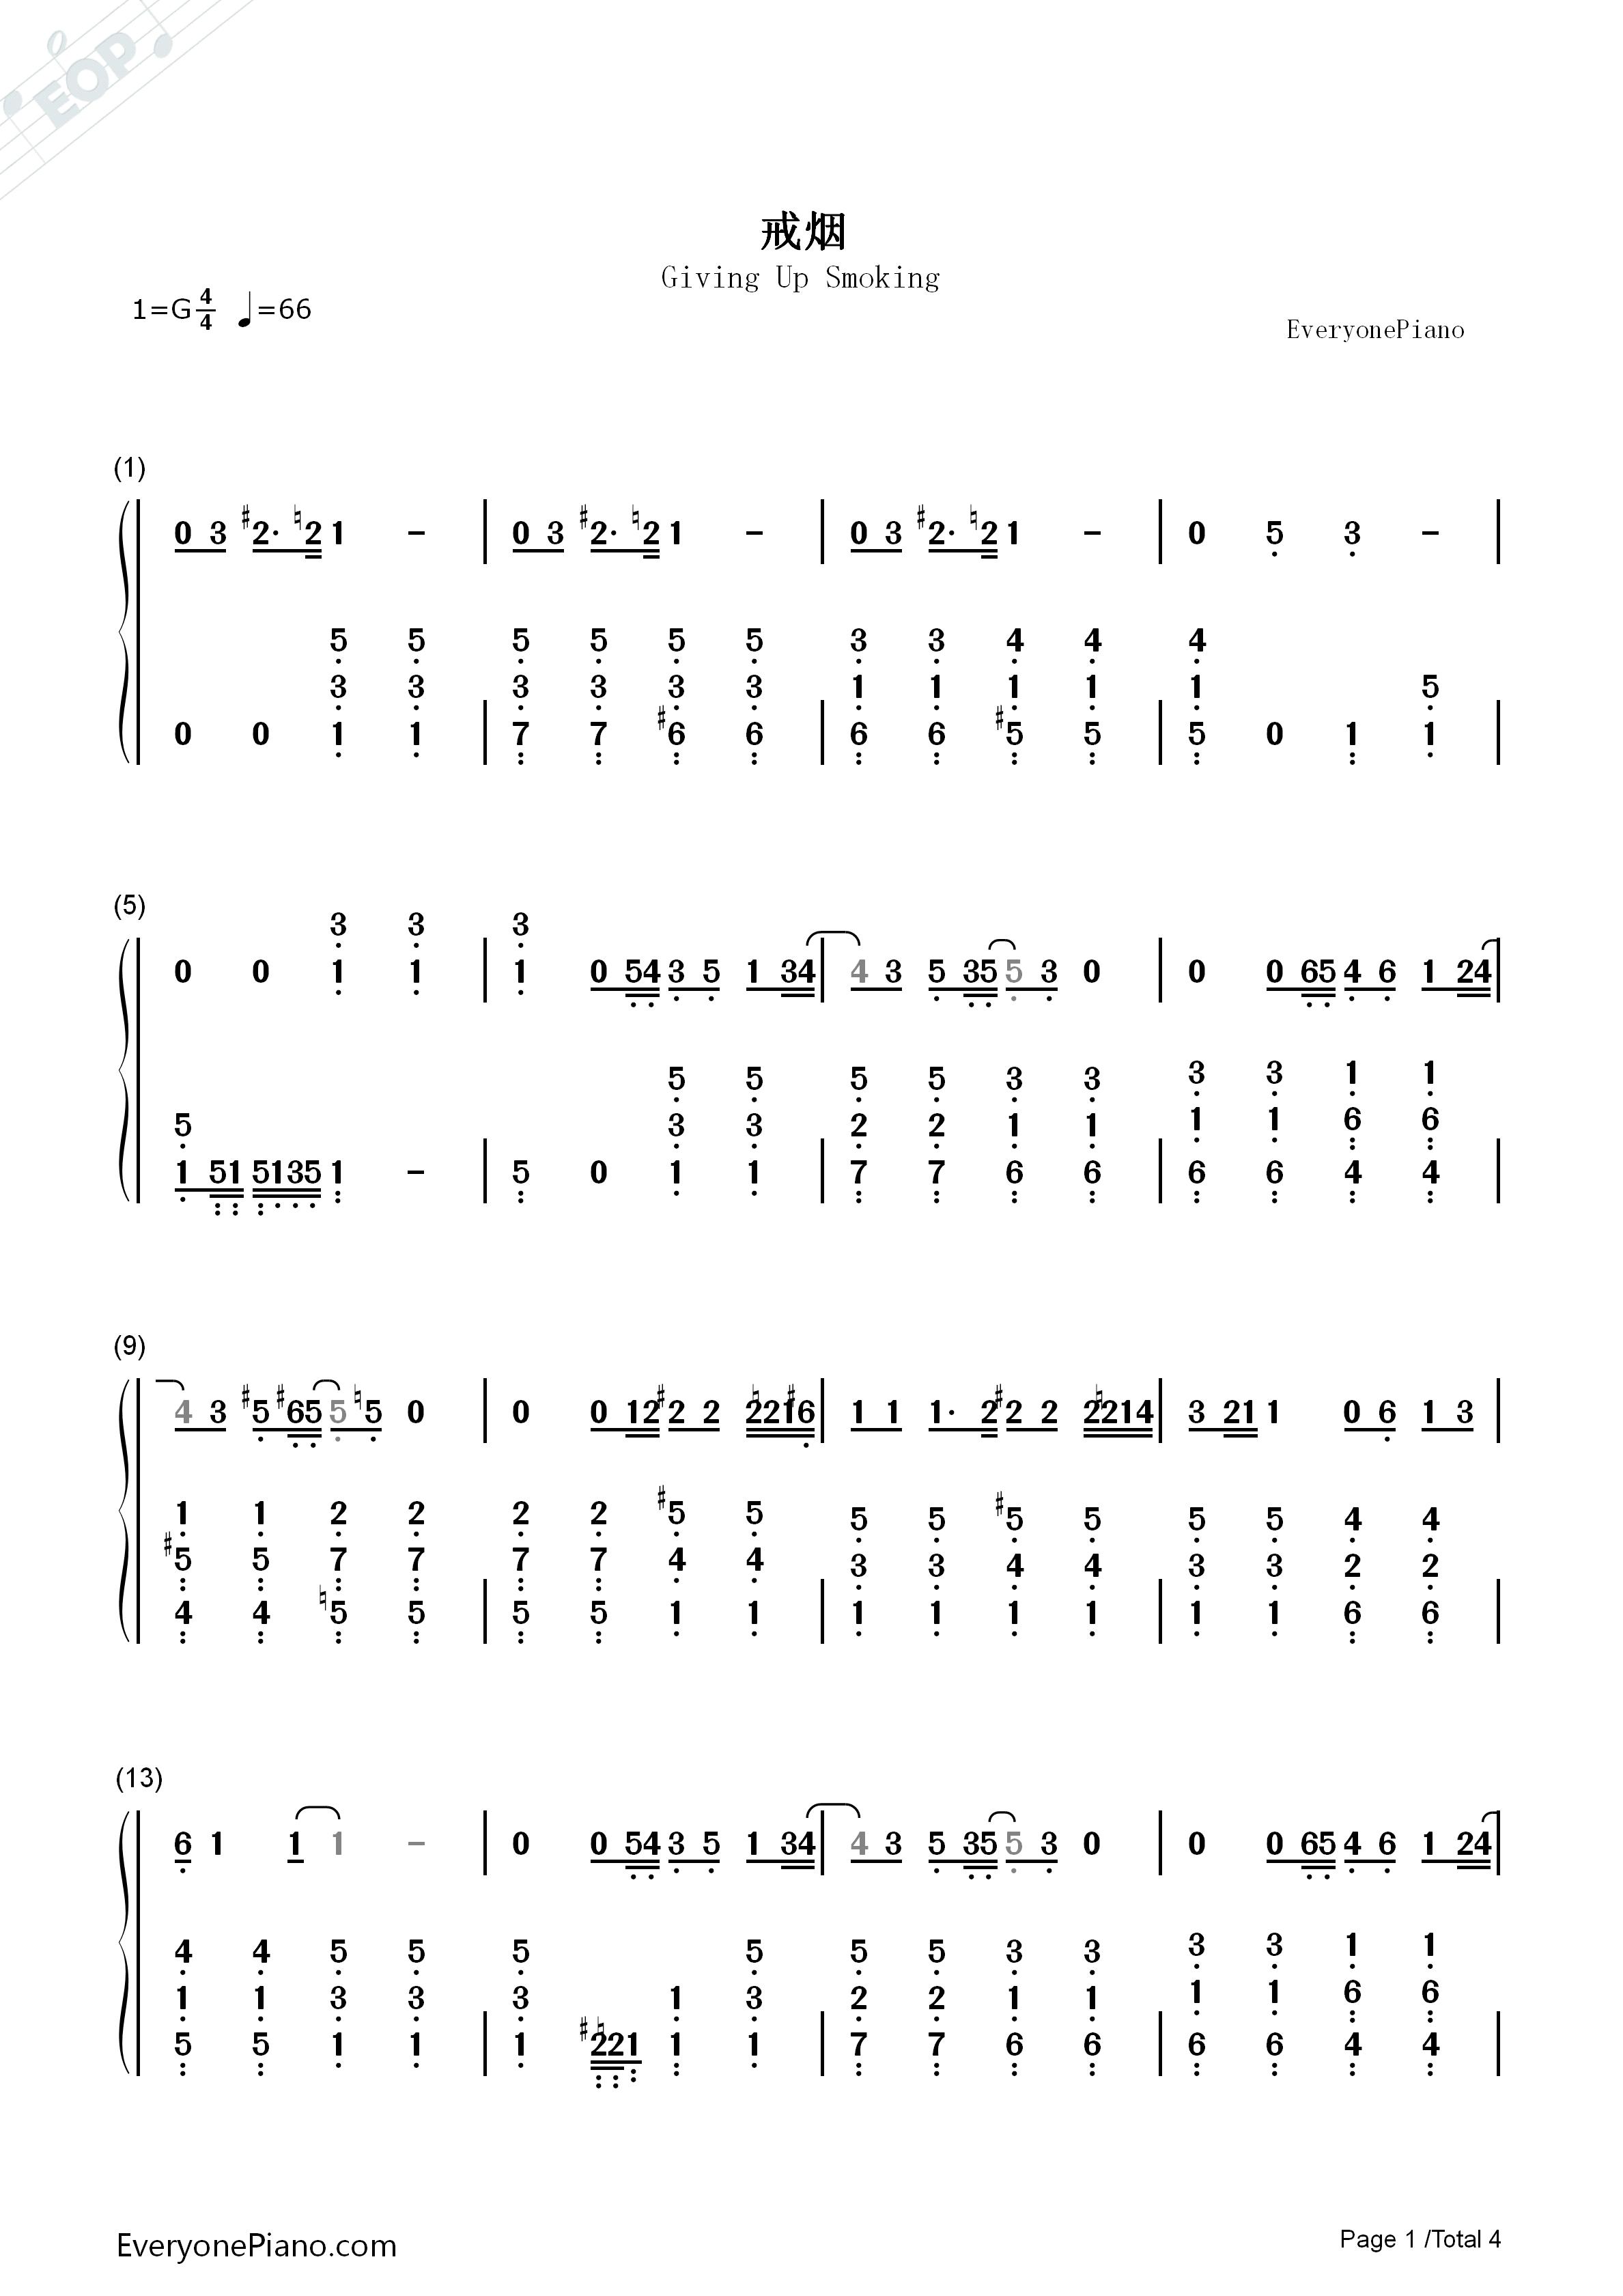 钢琴曲谱 流行 戒烟-完整版 戒烟-完整版双手简谱预览1  }  仅供学习